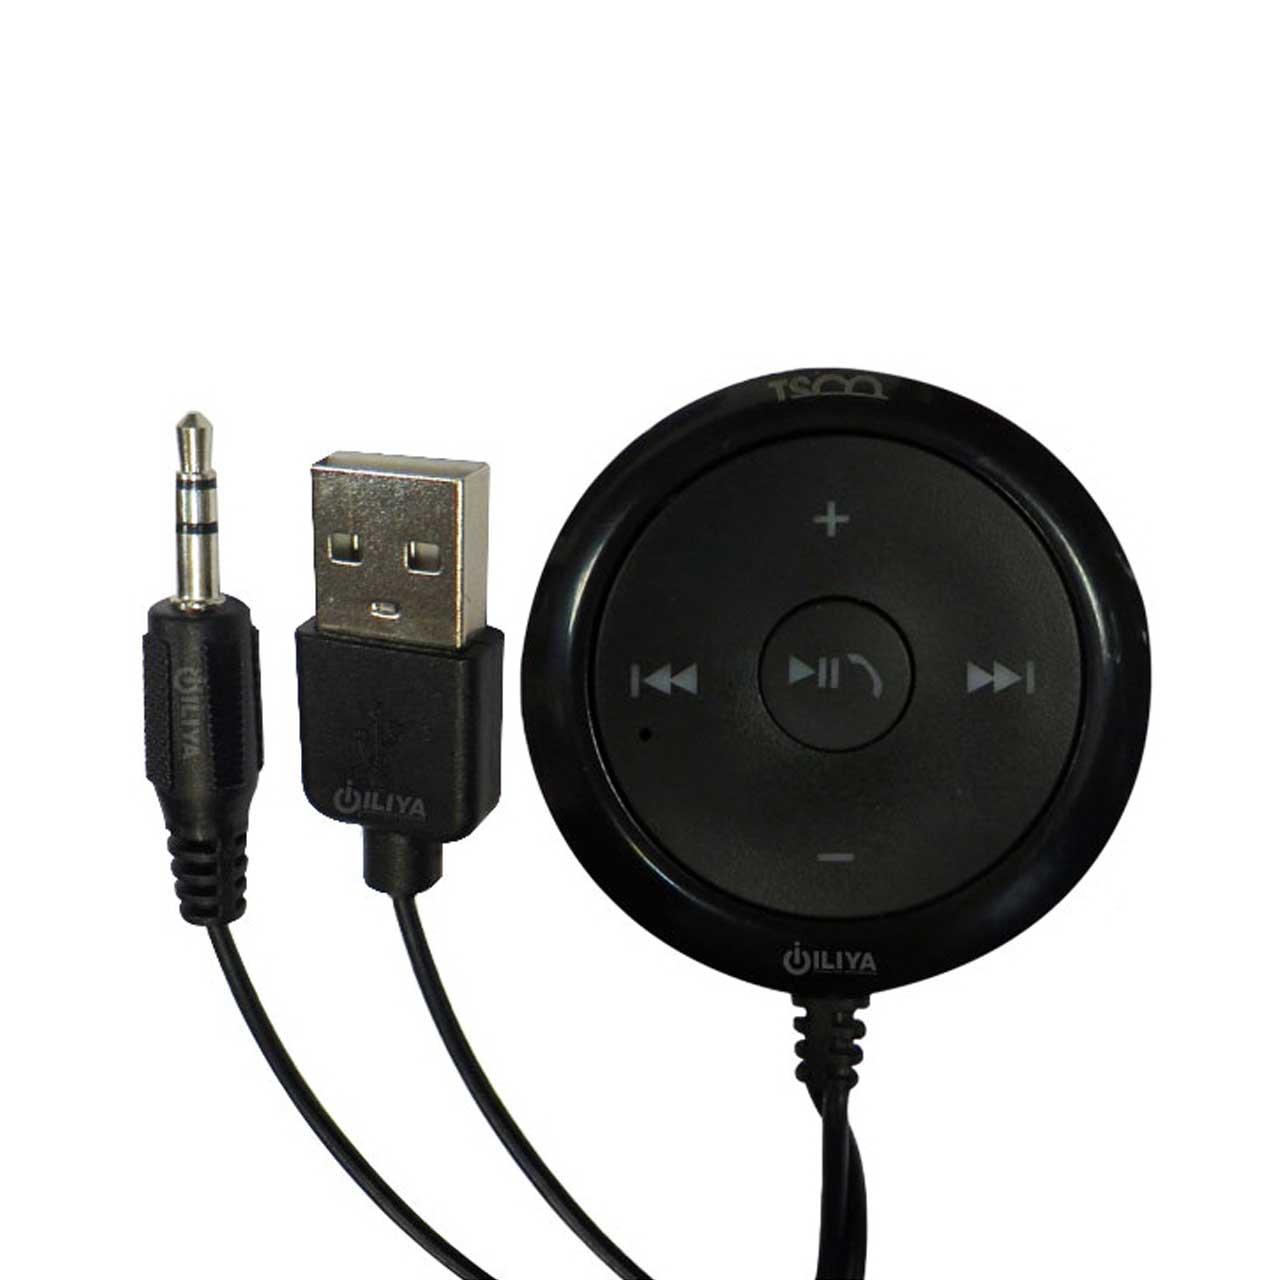 گیرنده بلوتوثی صدا TSCO مدل BT 102